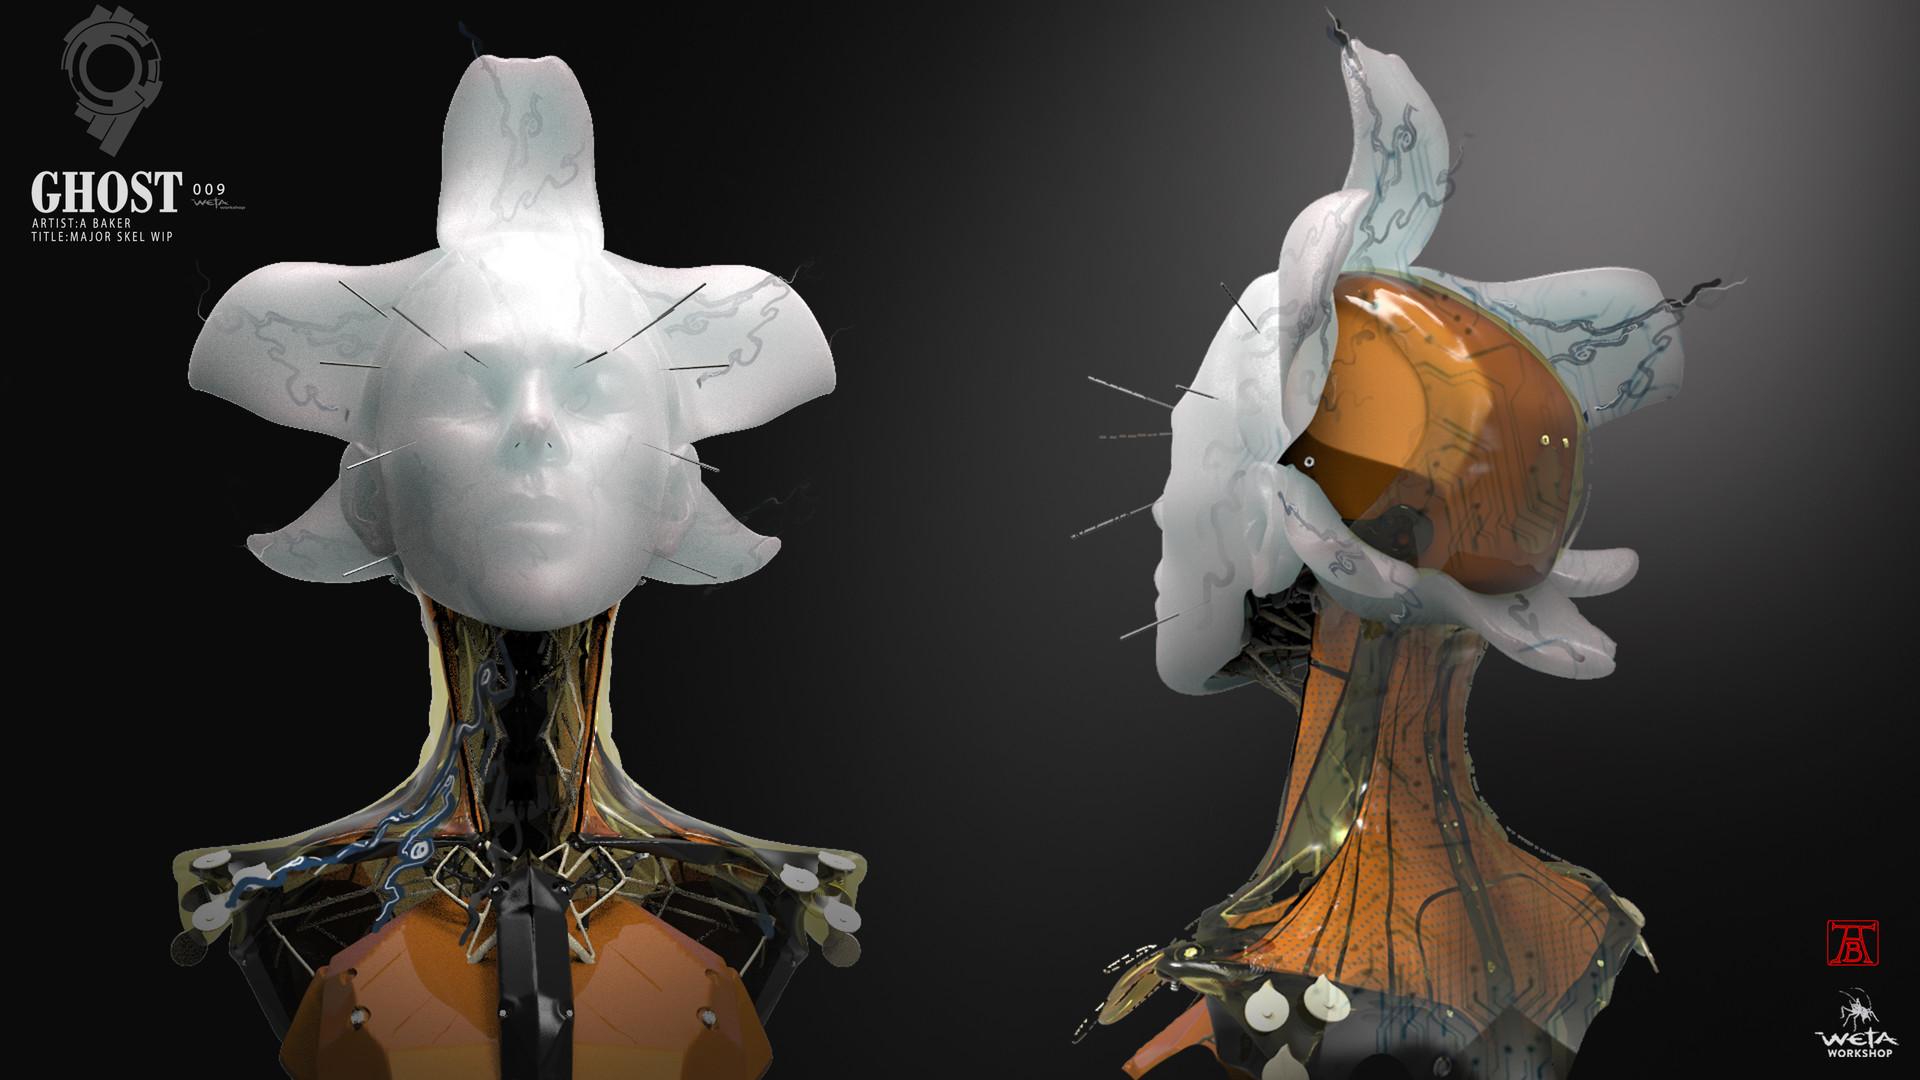 Major Skeleton Head - Artist: Andrew Baker